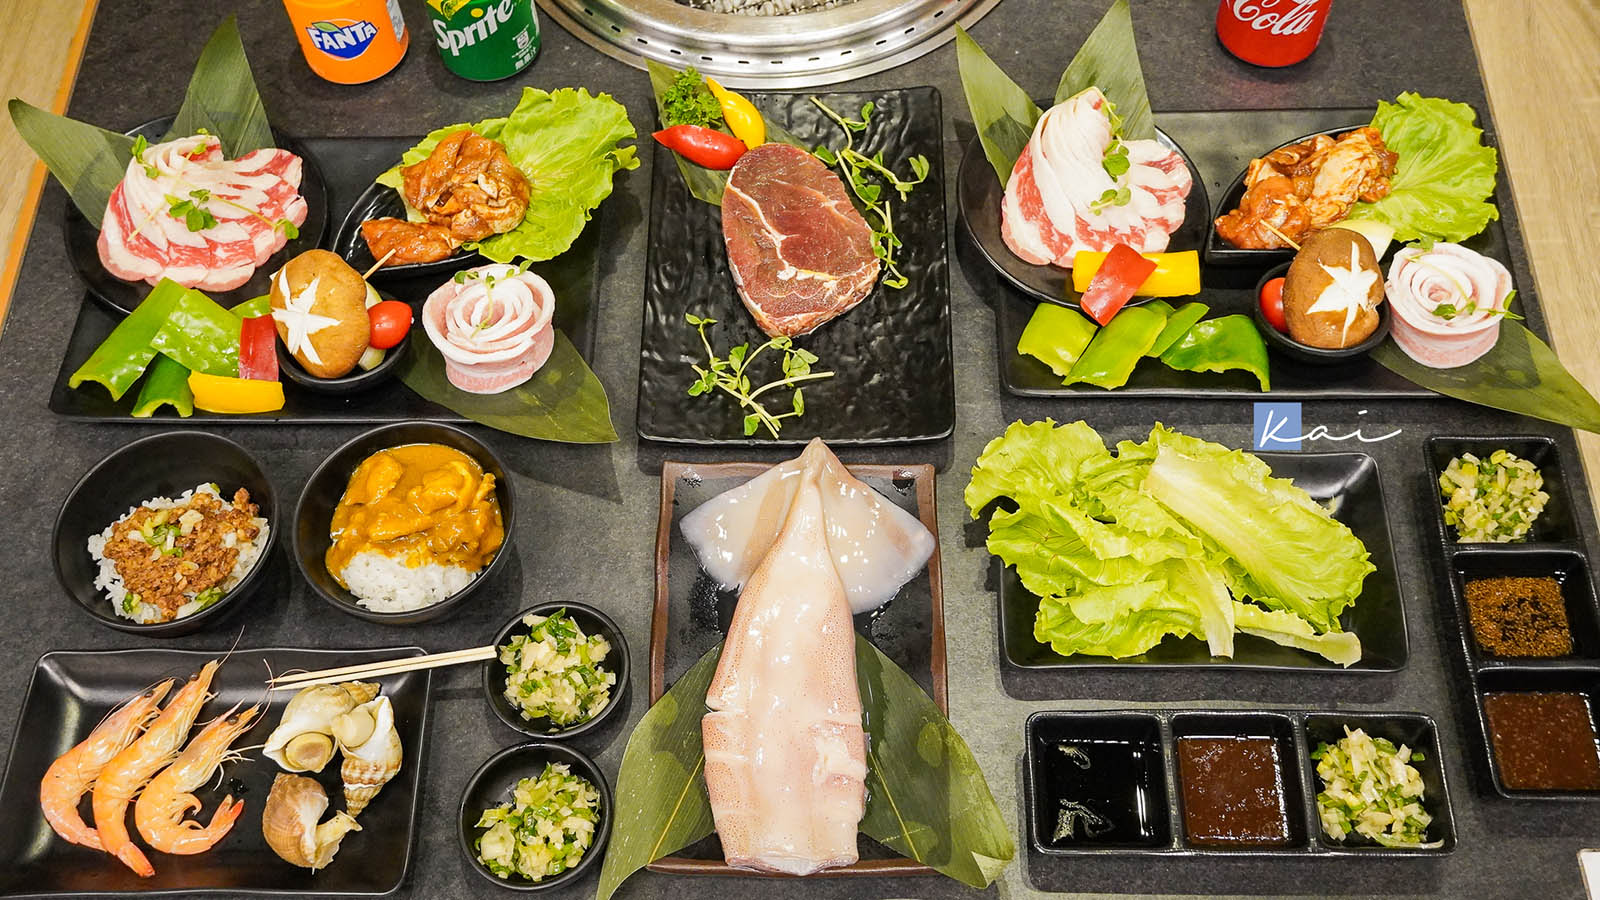 最新推播訊息:凱的日本食尚日記發佈新文章囉!